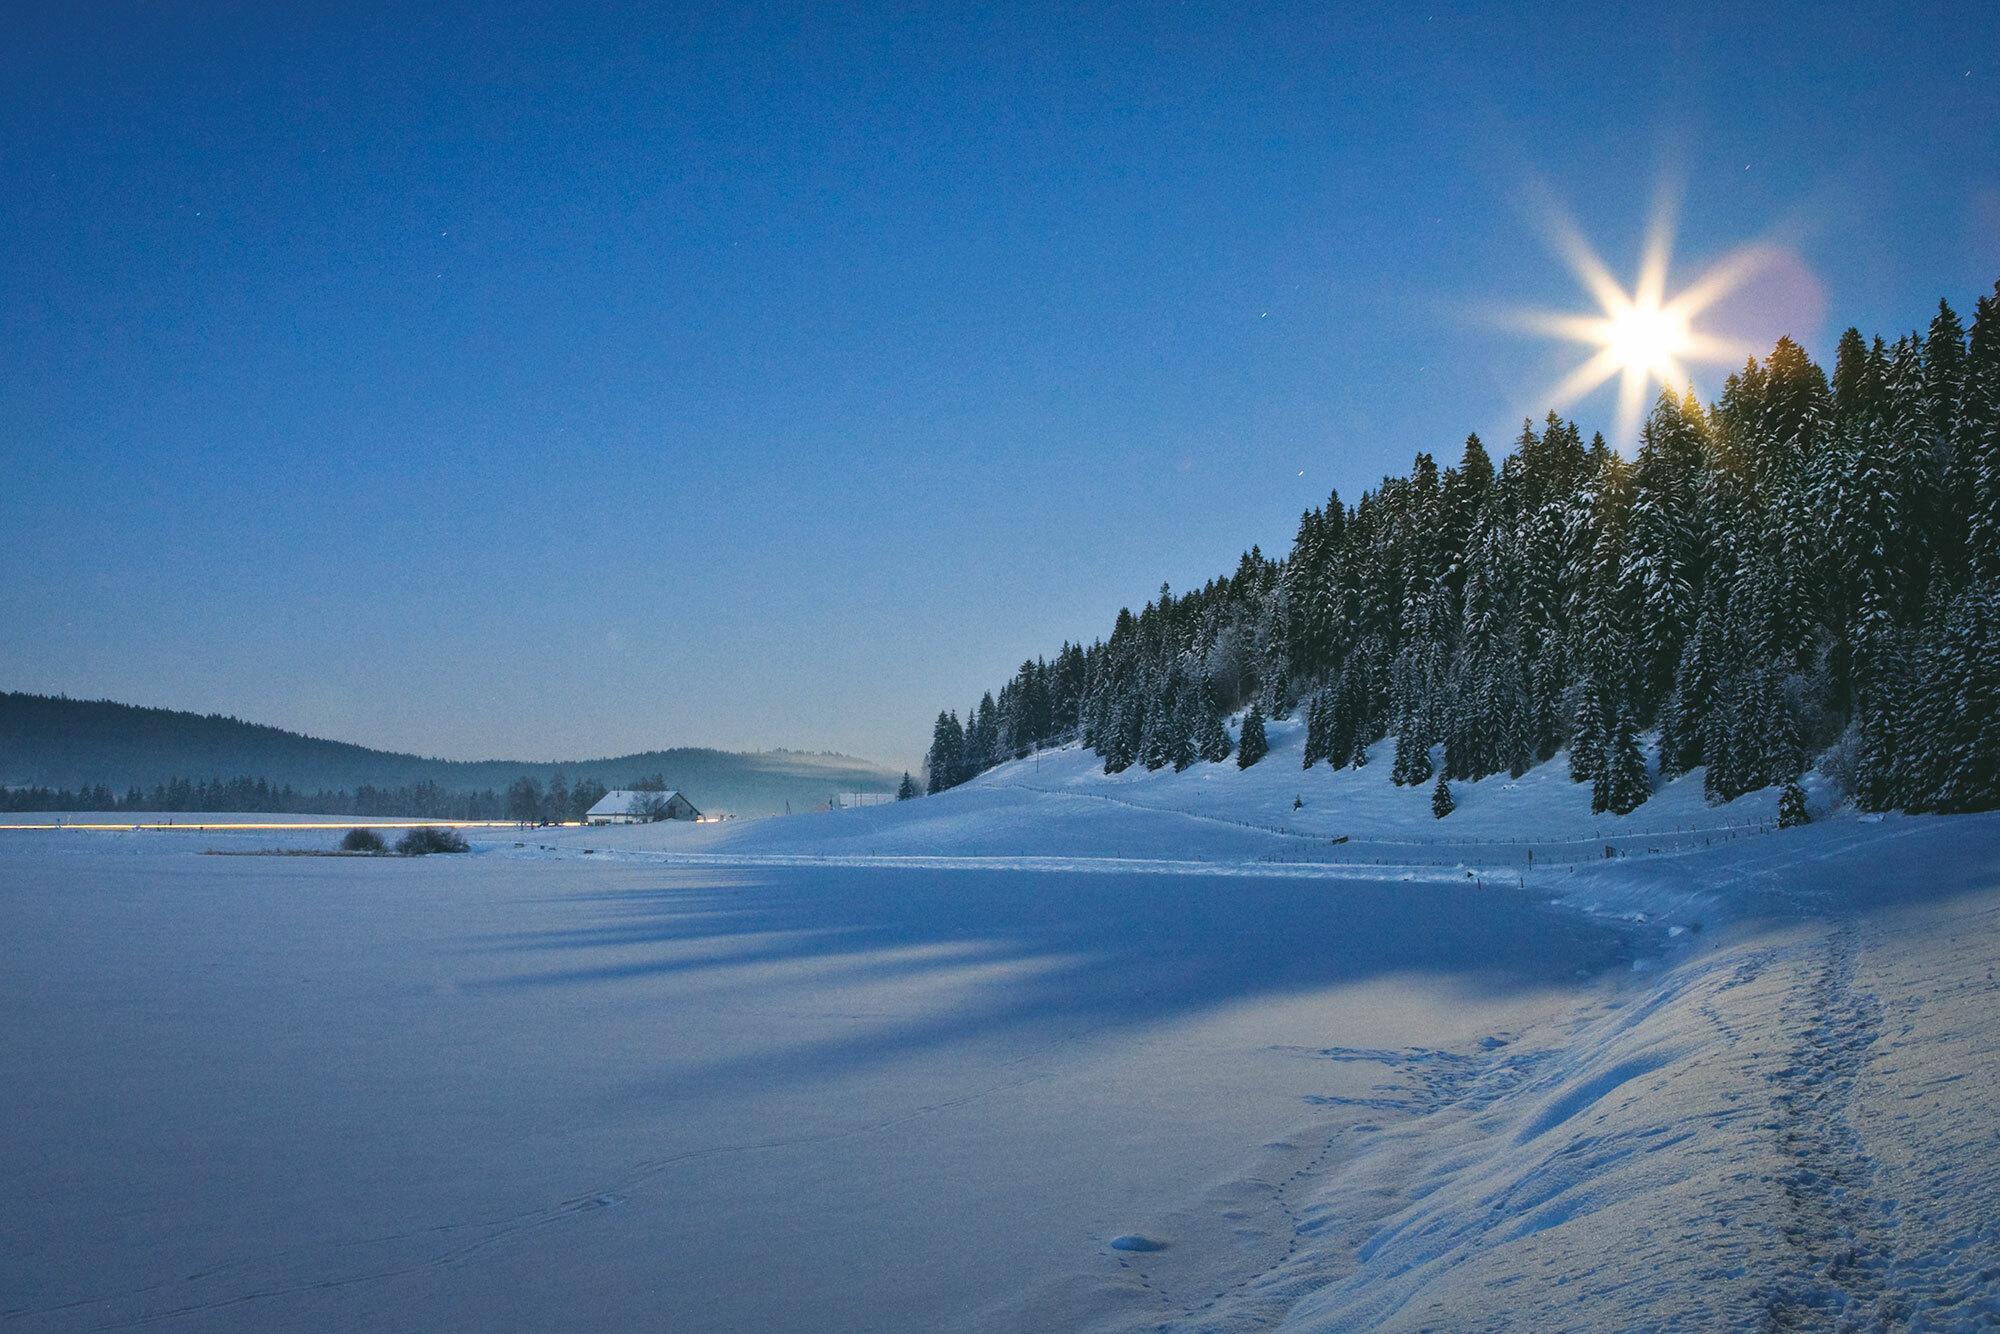 Kältekunde – Kälte am Berg